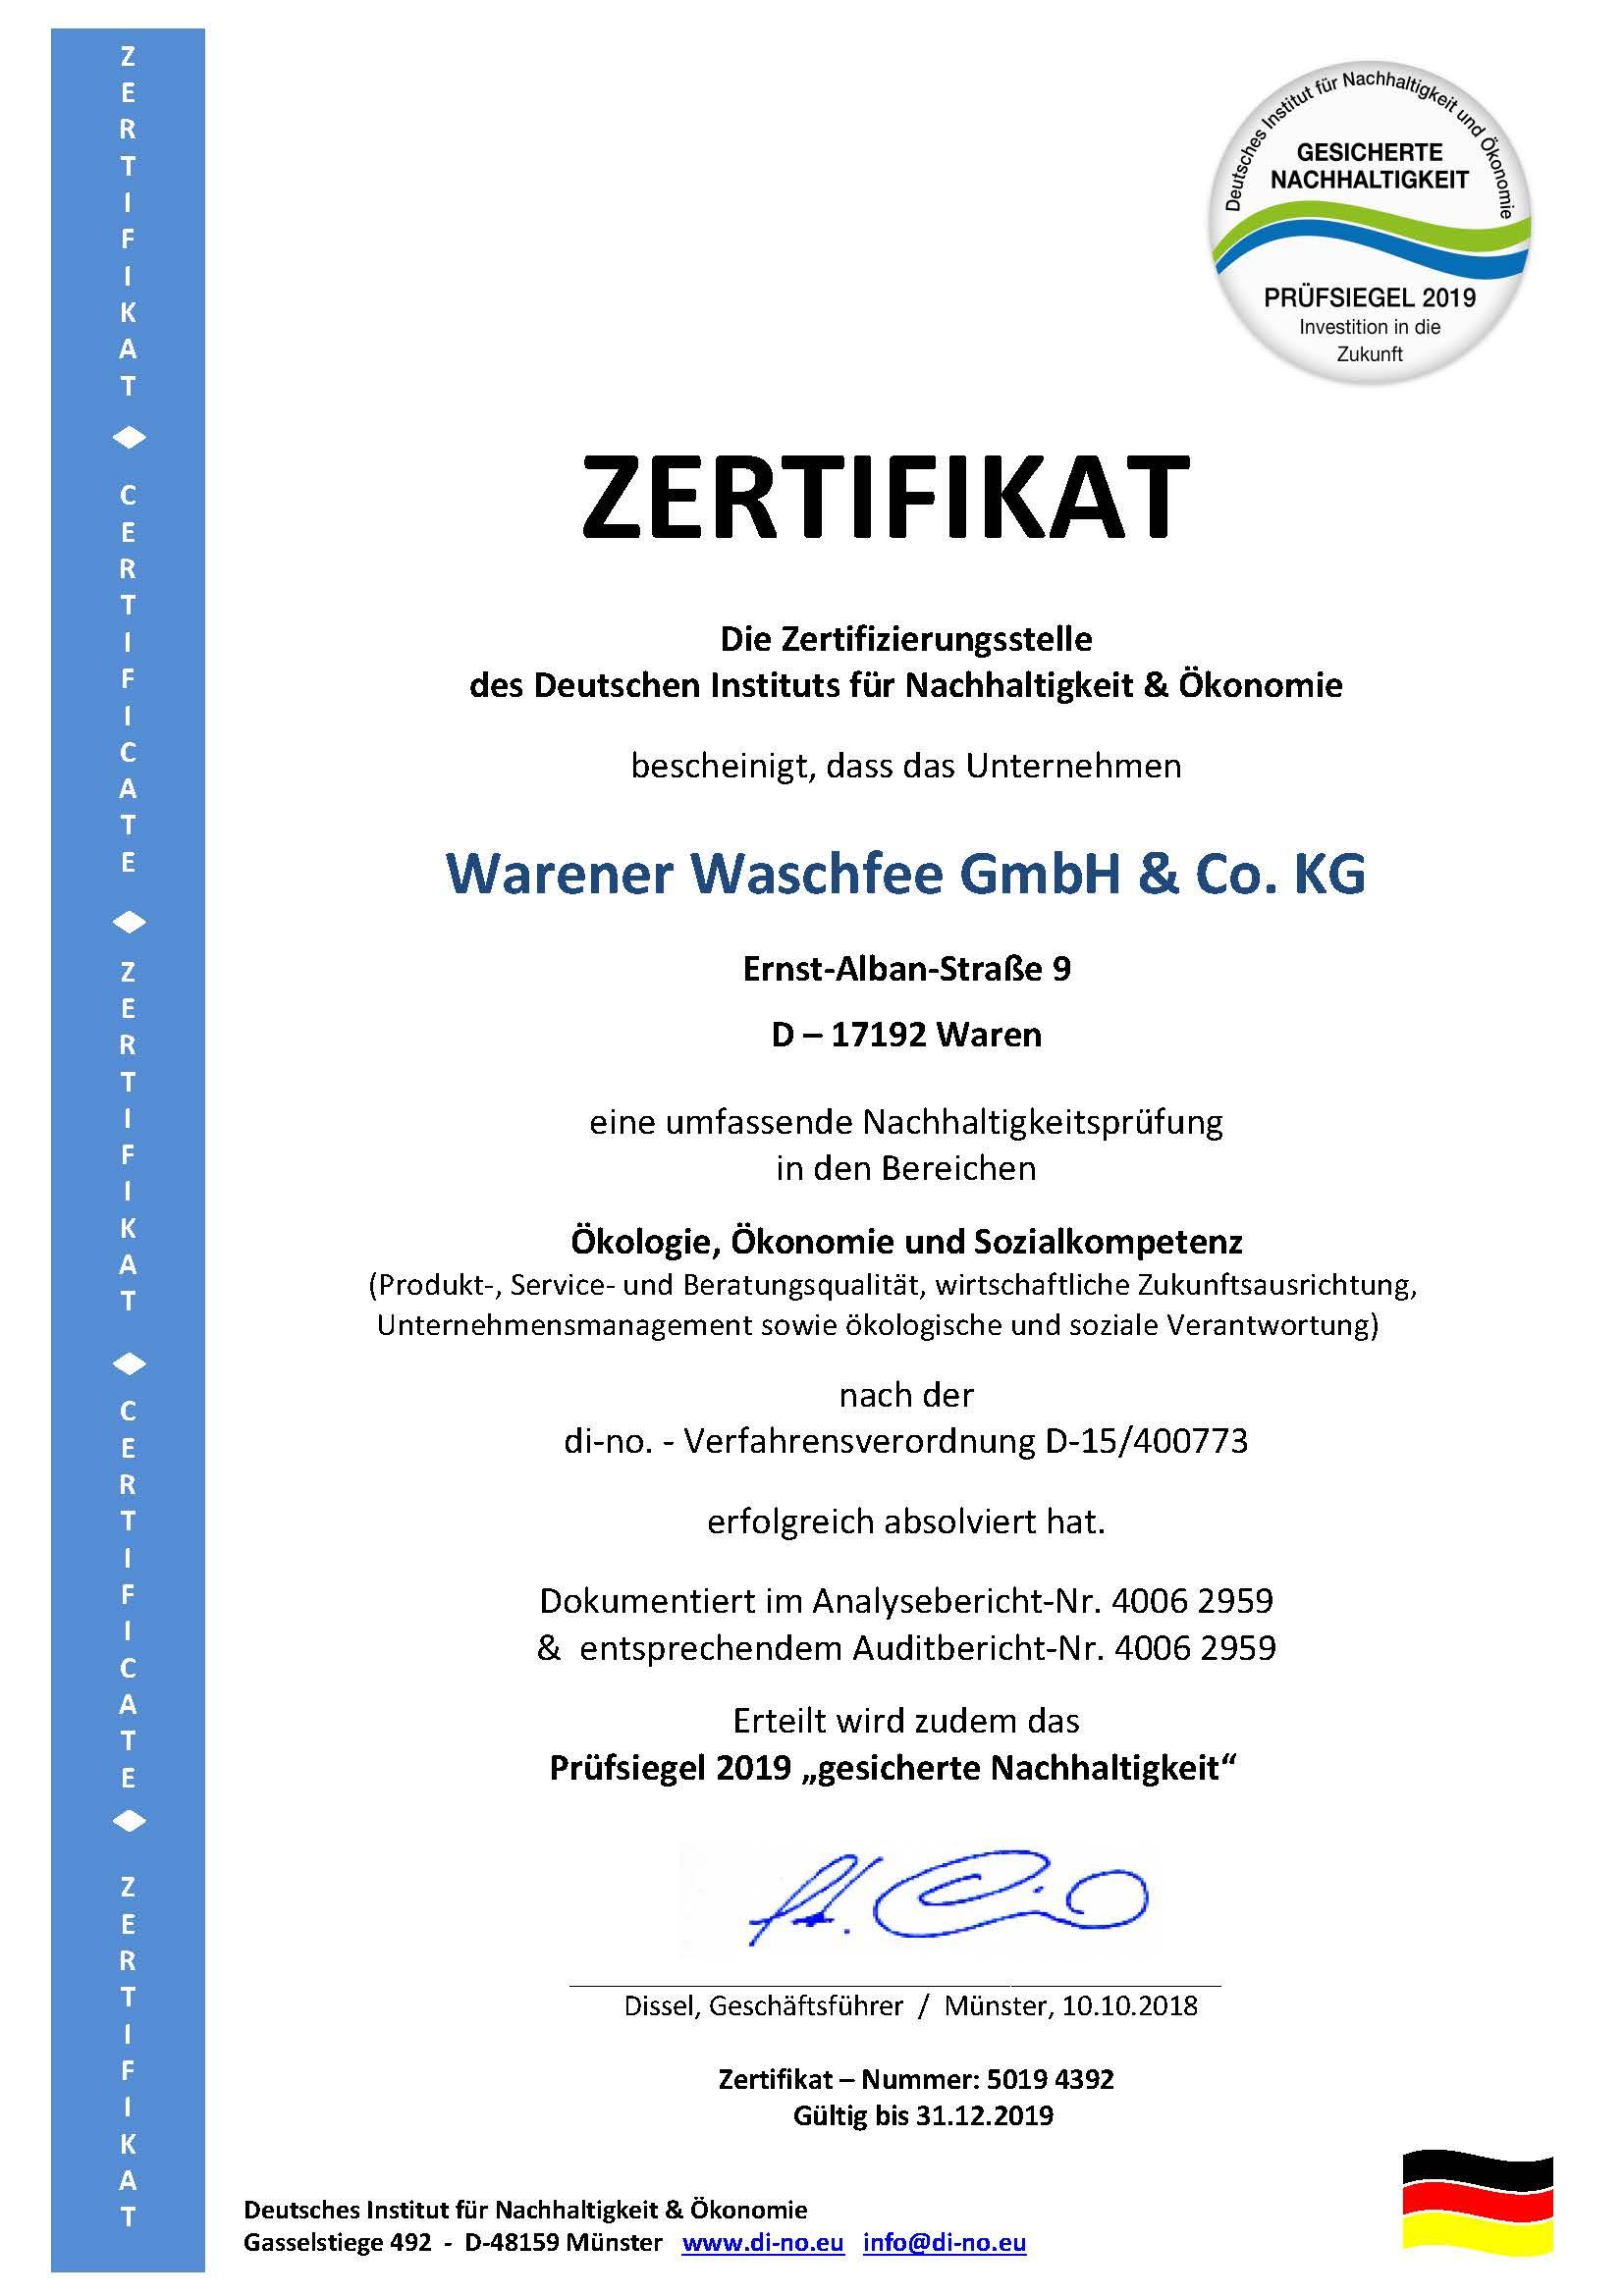 ZERTIFIKAT Warener Waschfee 2019